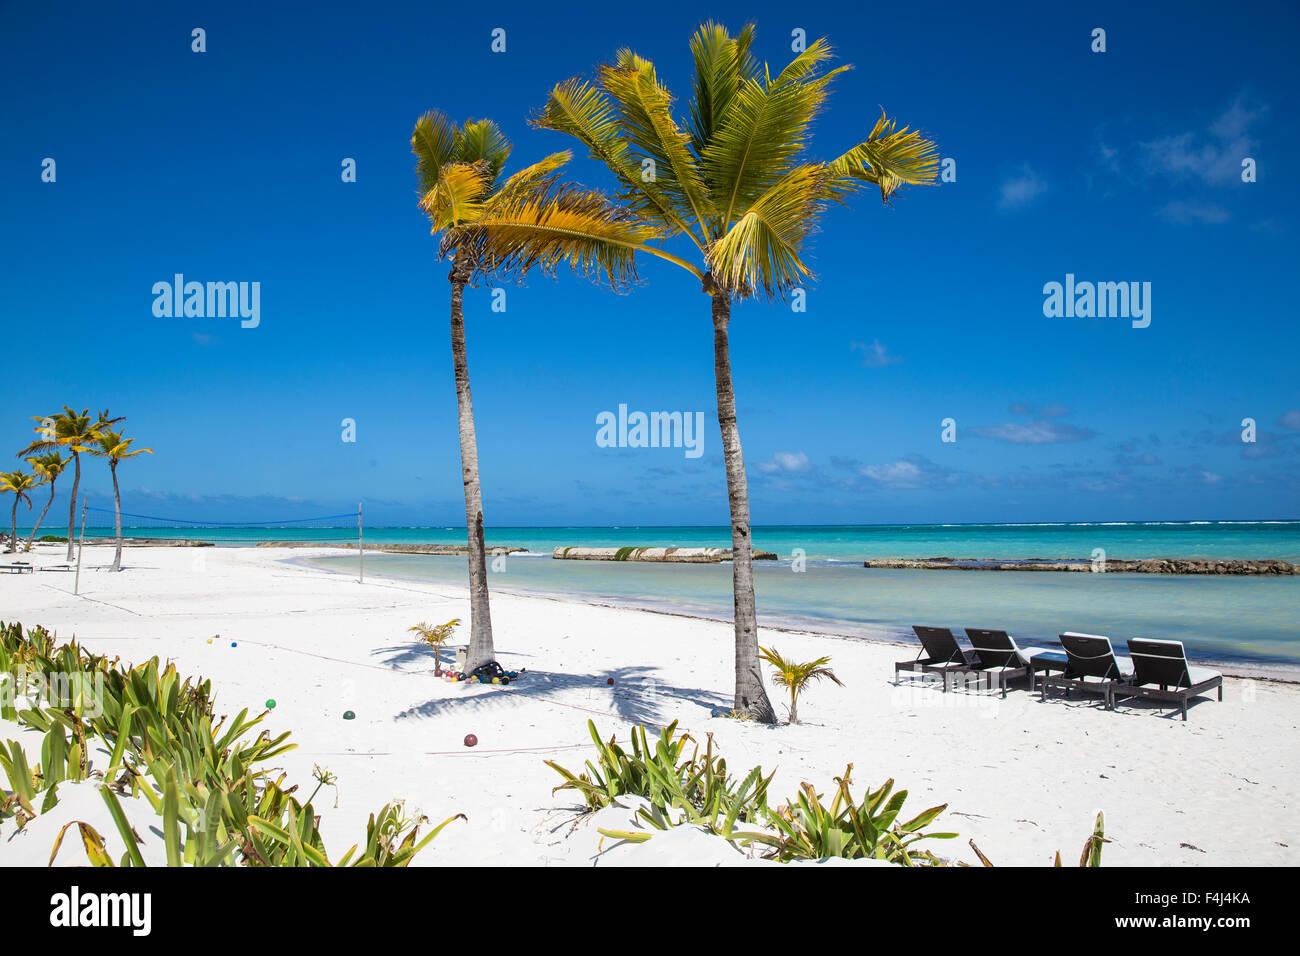 Plage à aussi del Mar Resort, Punta Cana, République dominicaine, Antilles, Caraïbes, Amérique Photo Stock